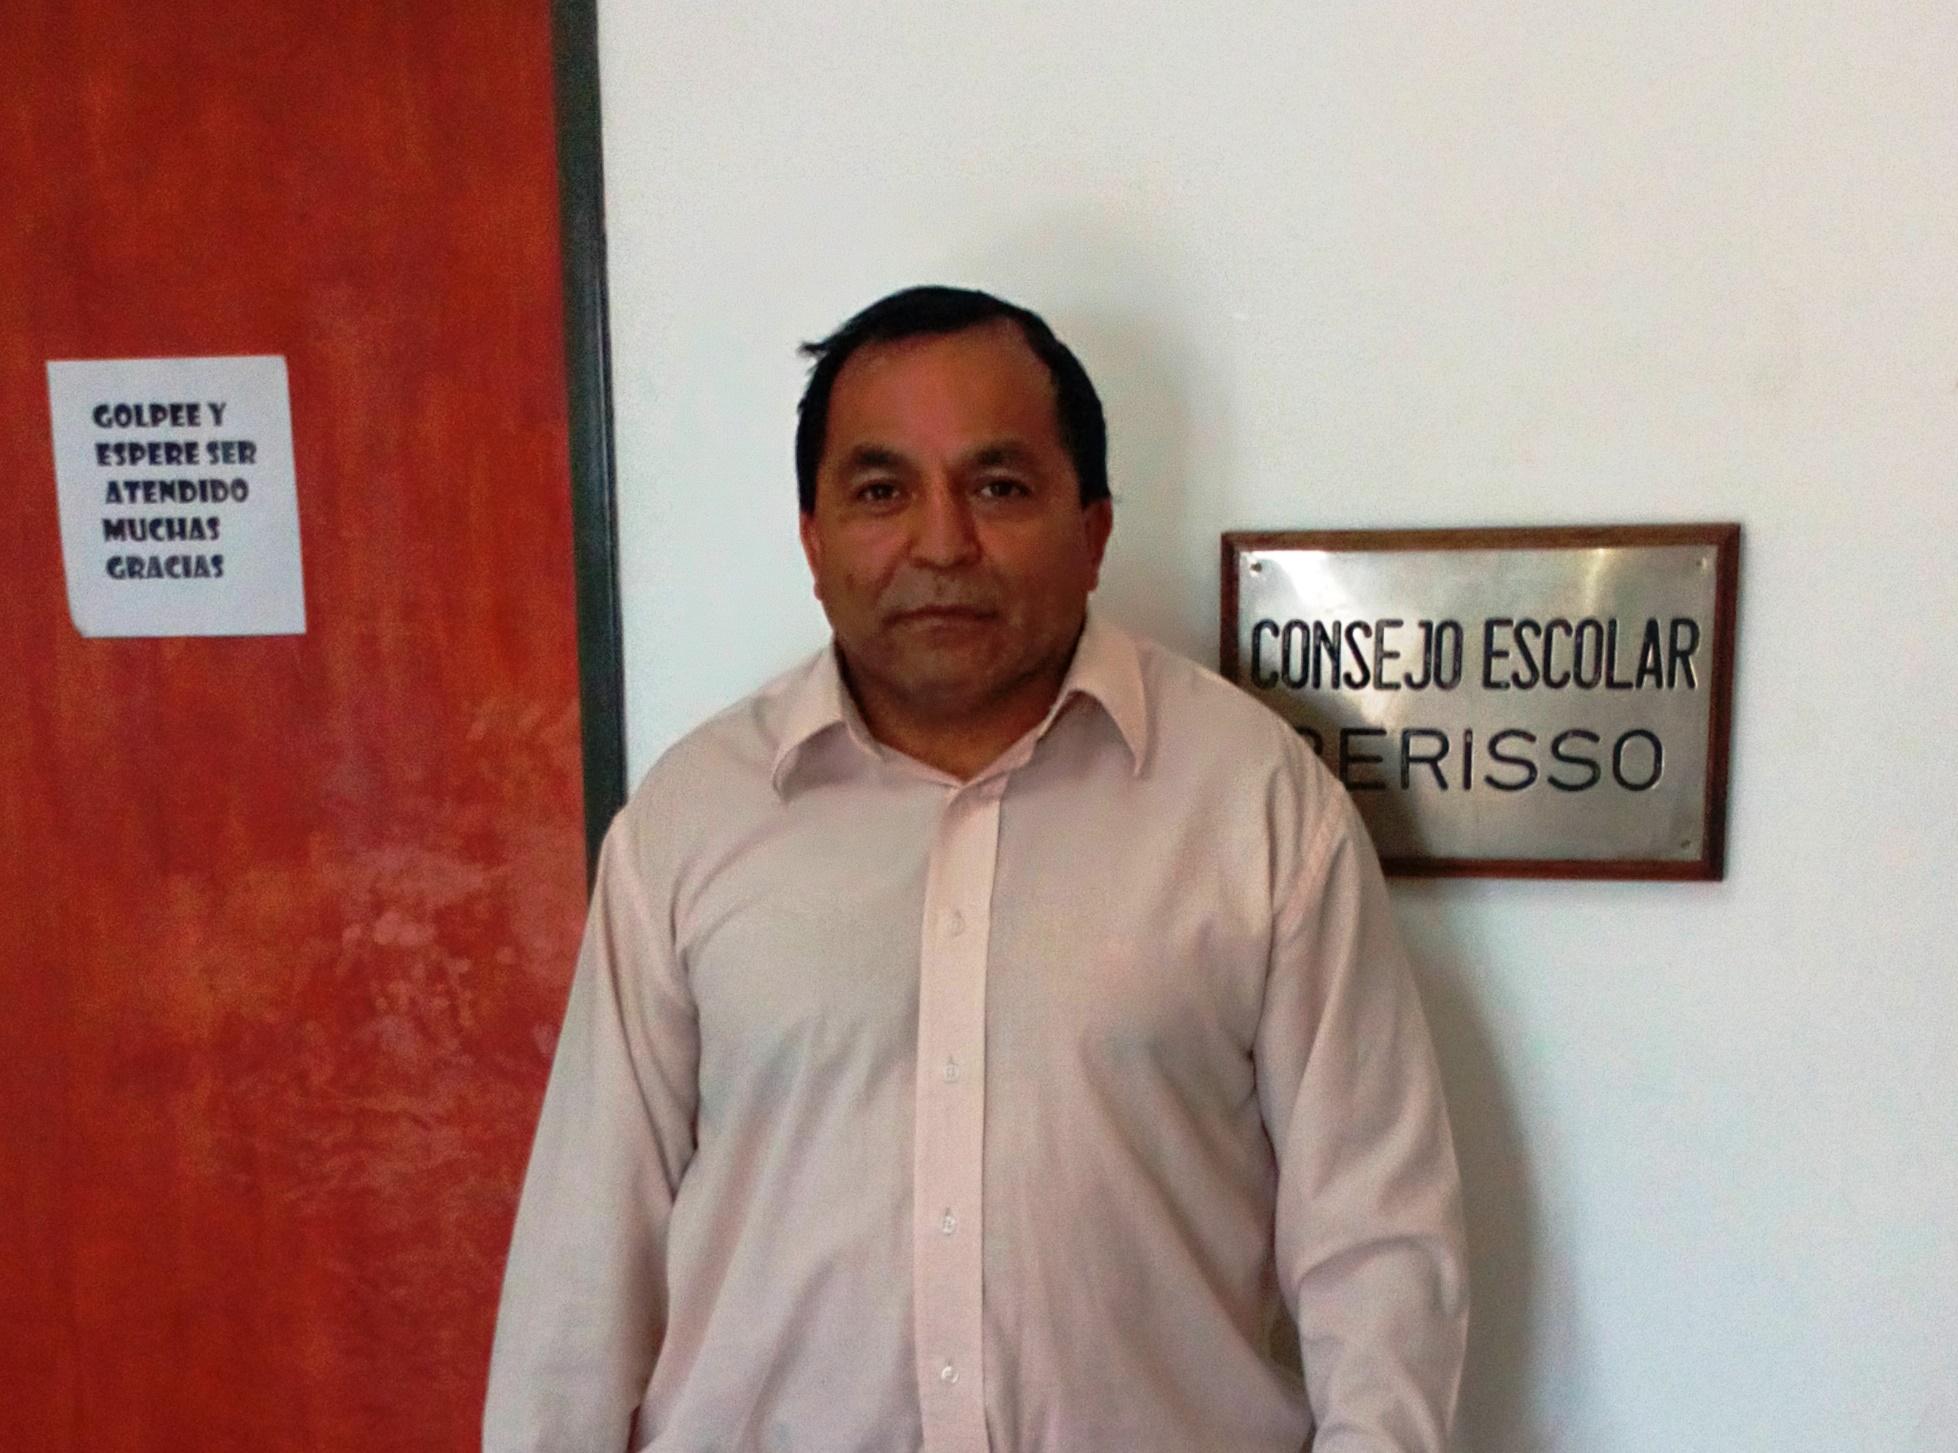 Consejo Escolar: Medina se refirió a trabajos concretos para los casos más urgentes